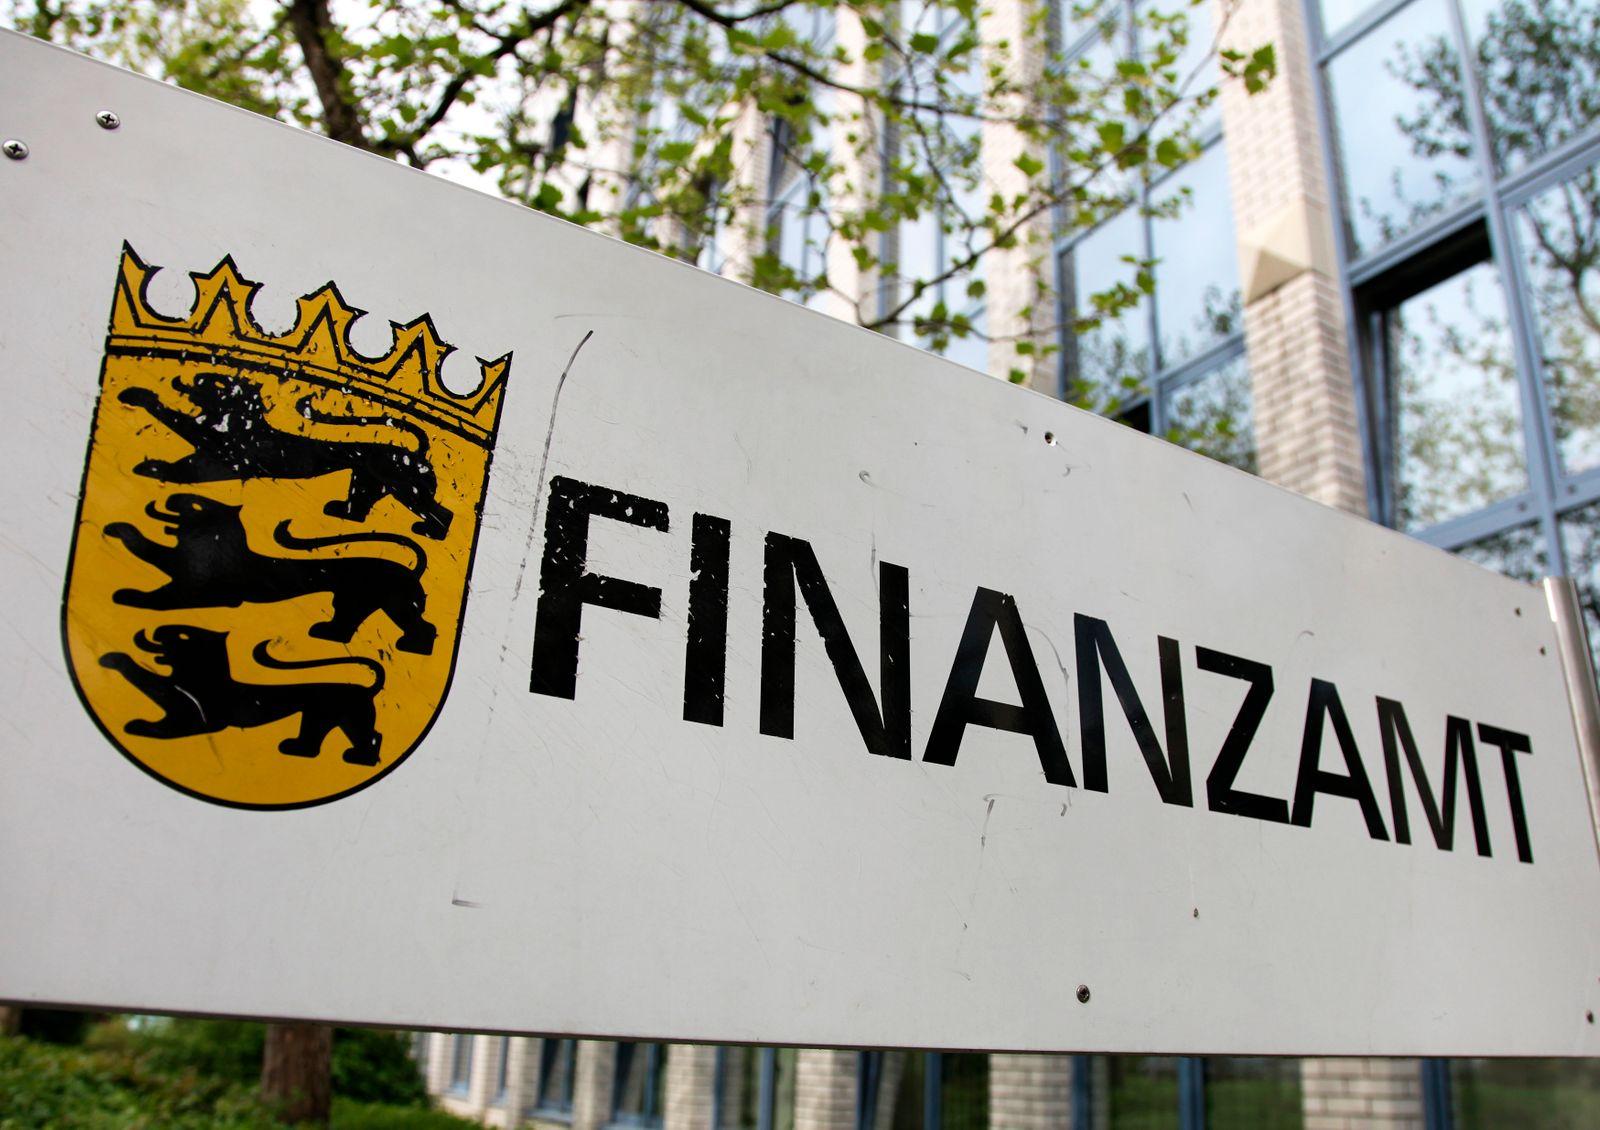 Finanzamt / Selbstanzeige / Heidelberg